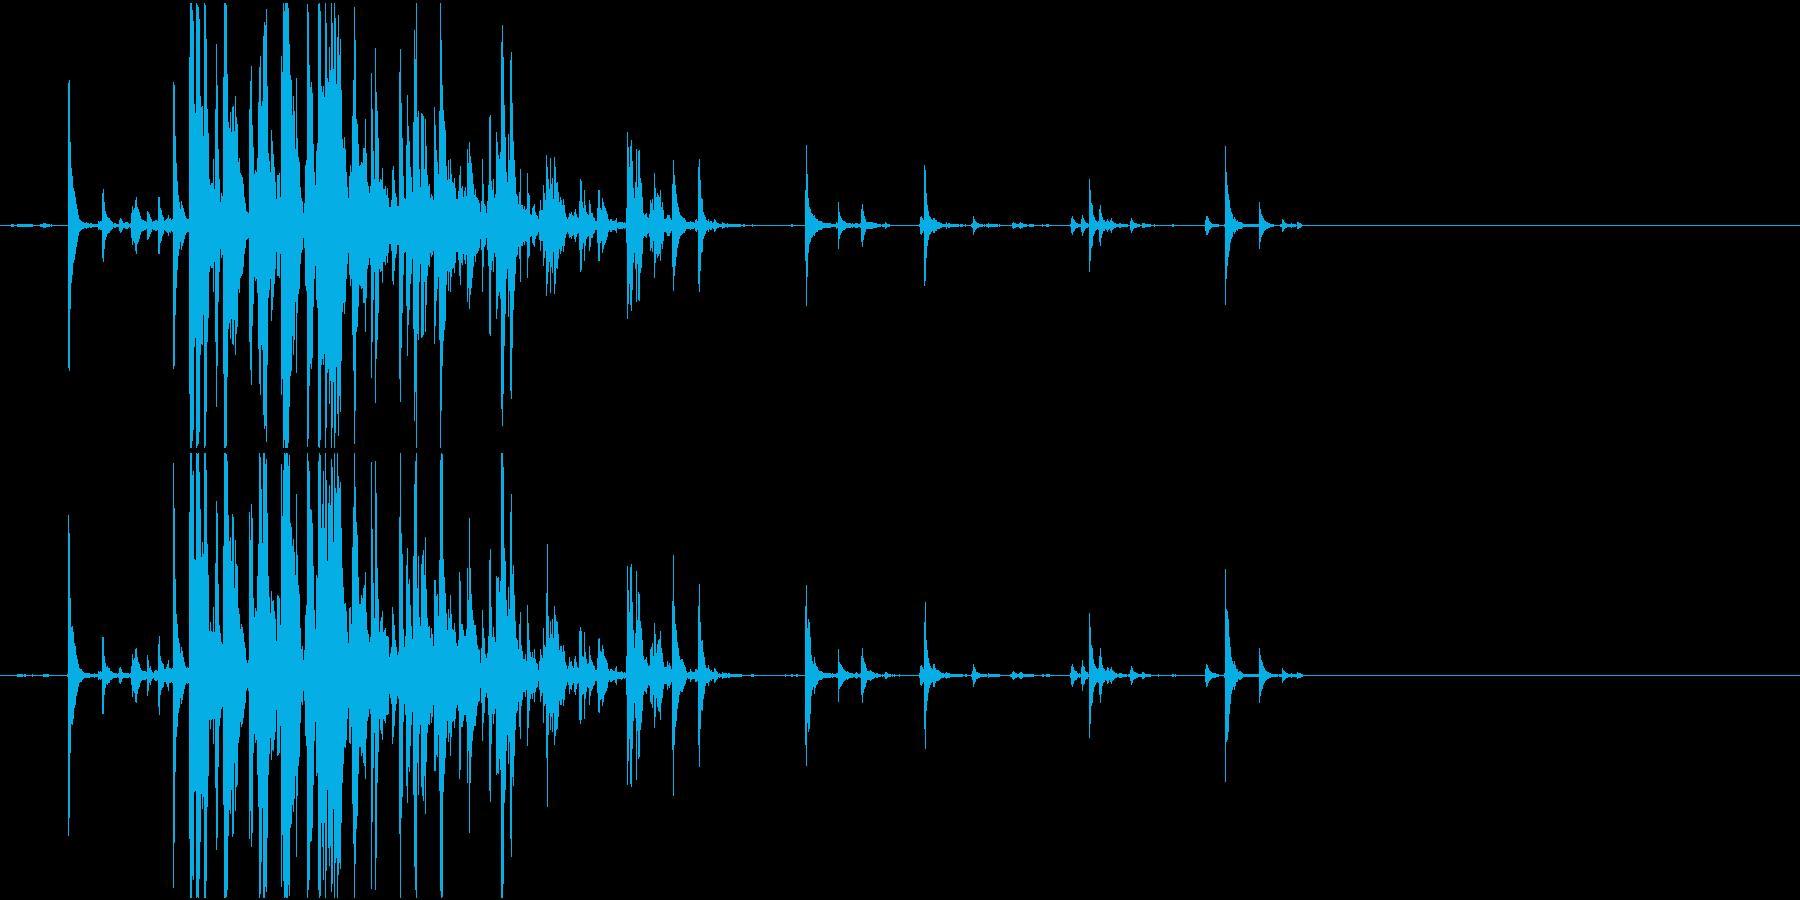 【生録音】瓶の中の錠剤が転がる音の再生済みの波形